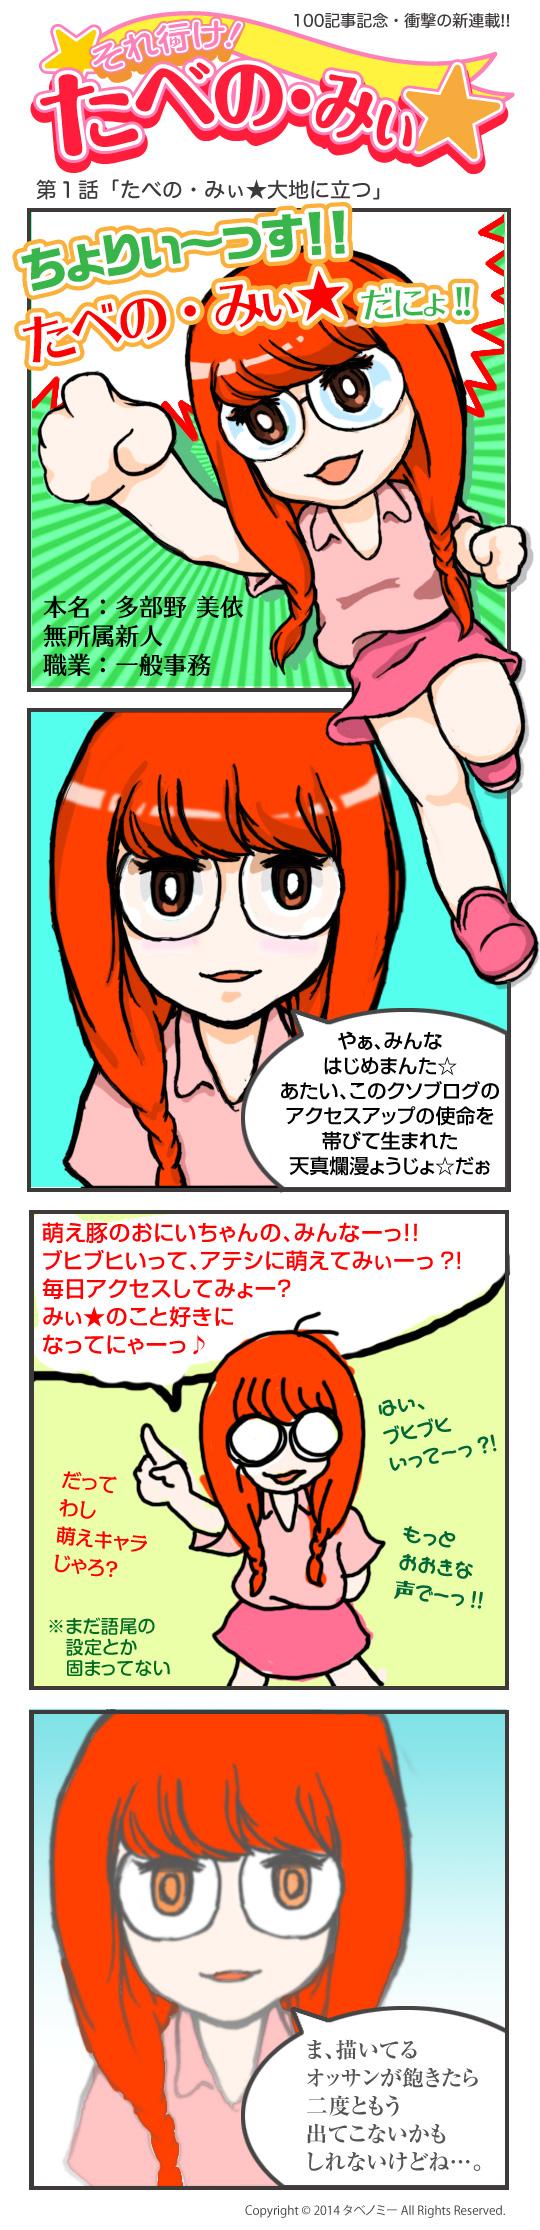 たべの・みぃ★連載01.jpg